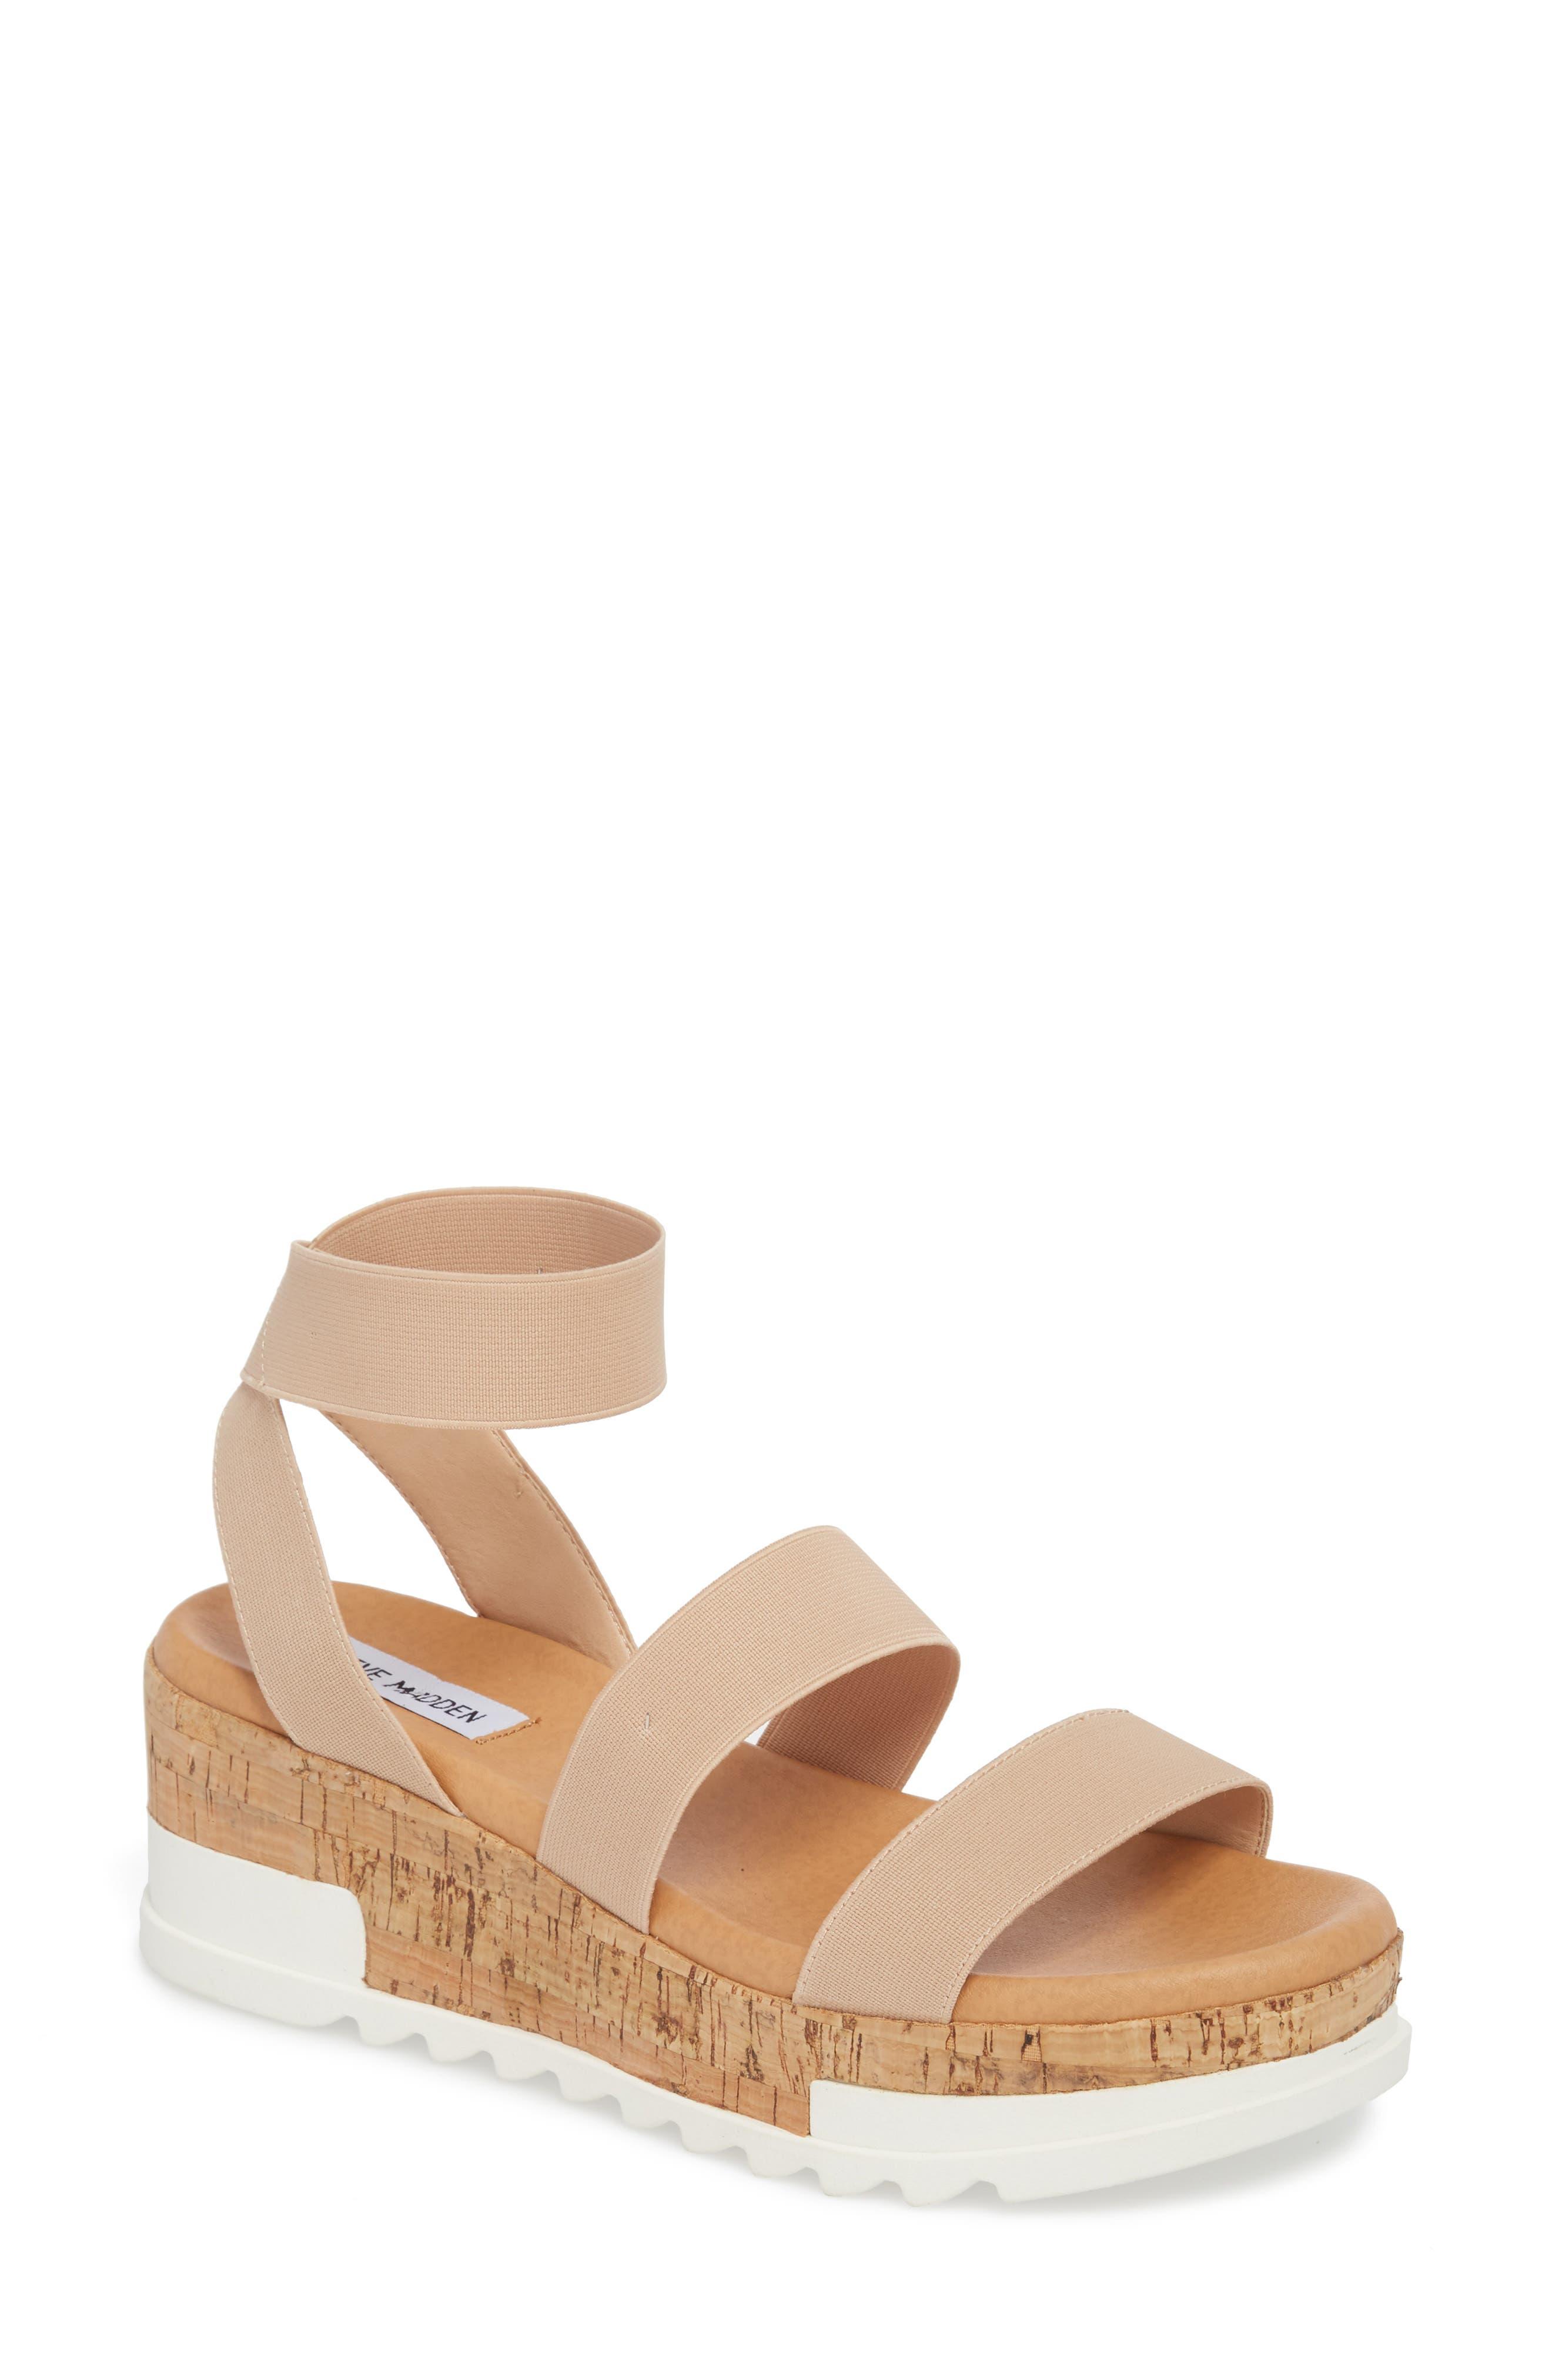 Women's Heeled Sandals | Nordstrom